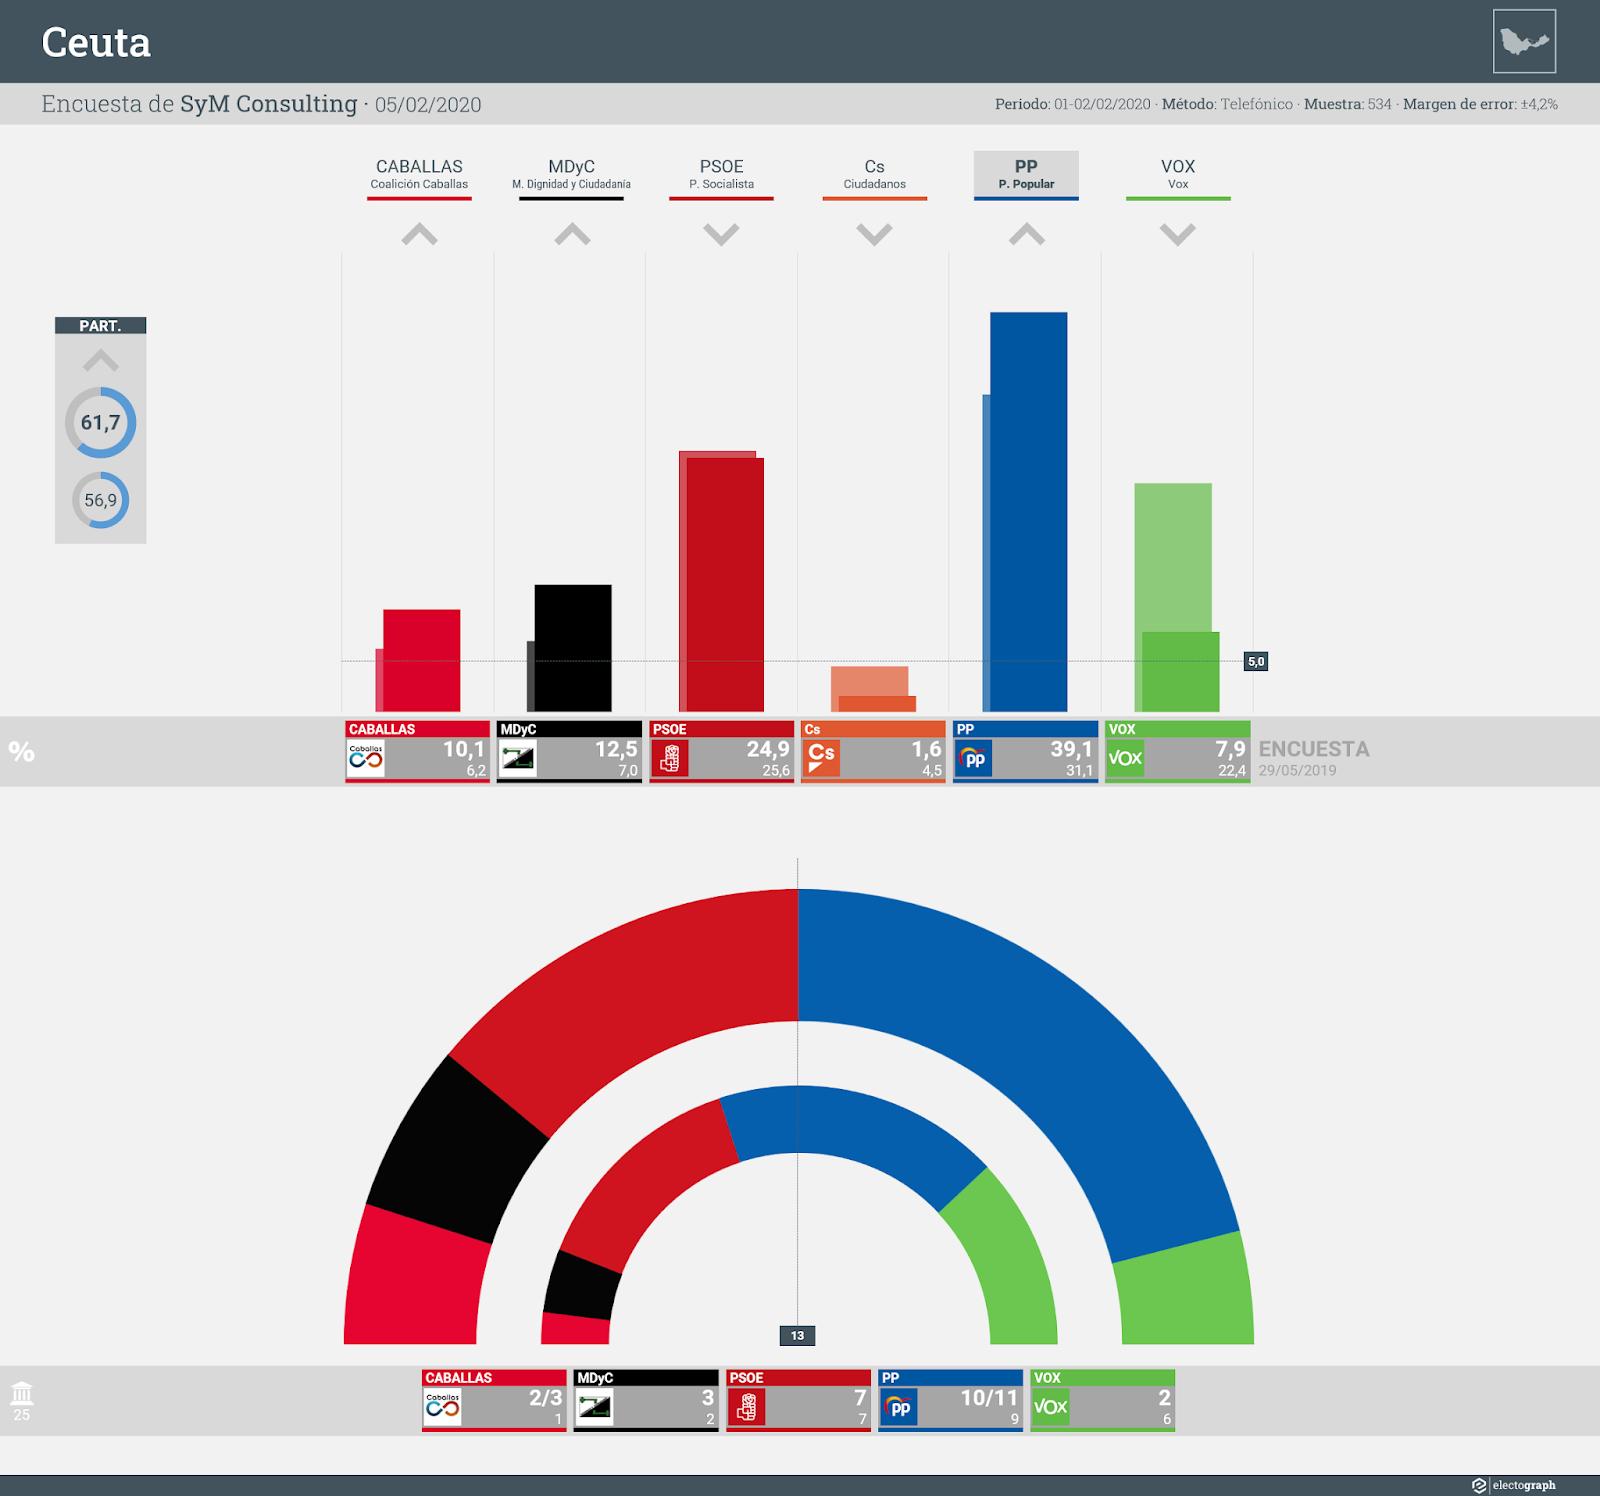 Gráfico de la encuesta para elecciones autonómicas en Ceuta realizada por SyM Consulting, 5 de febrero de 2020